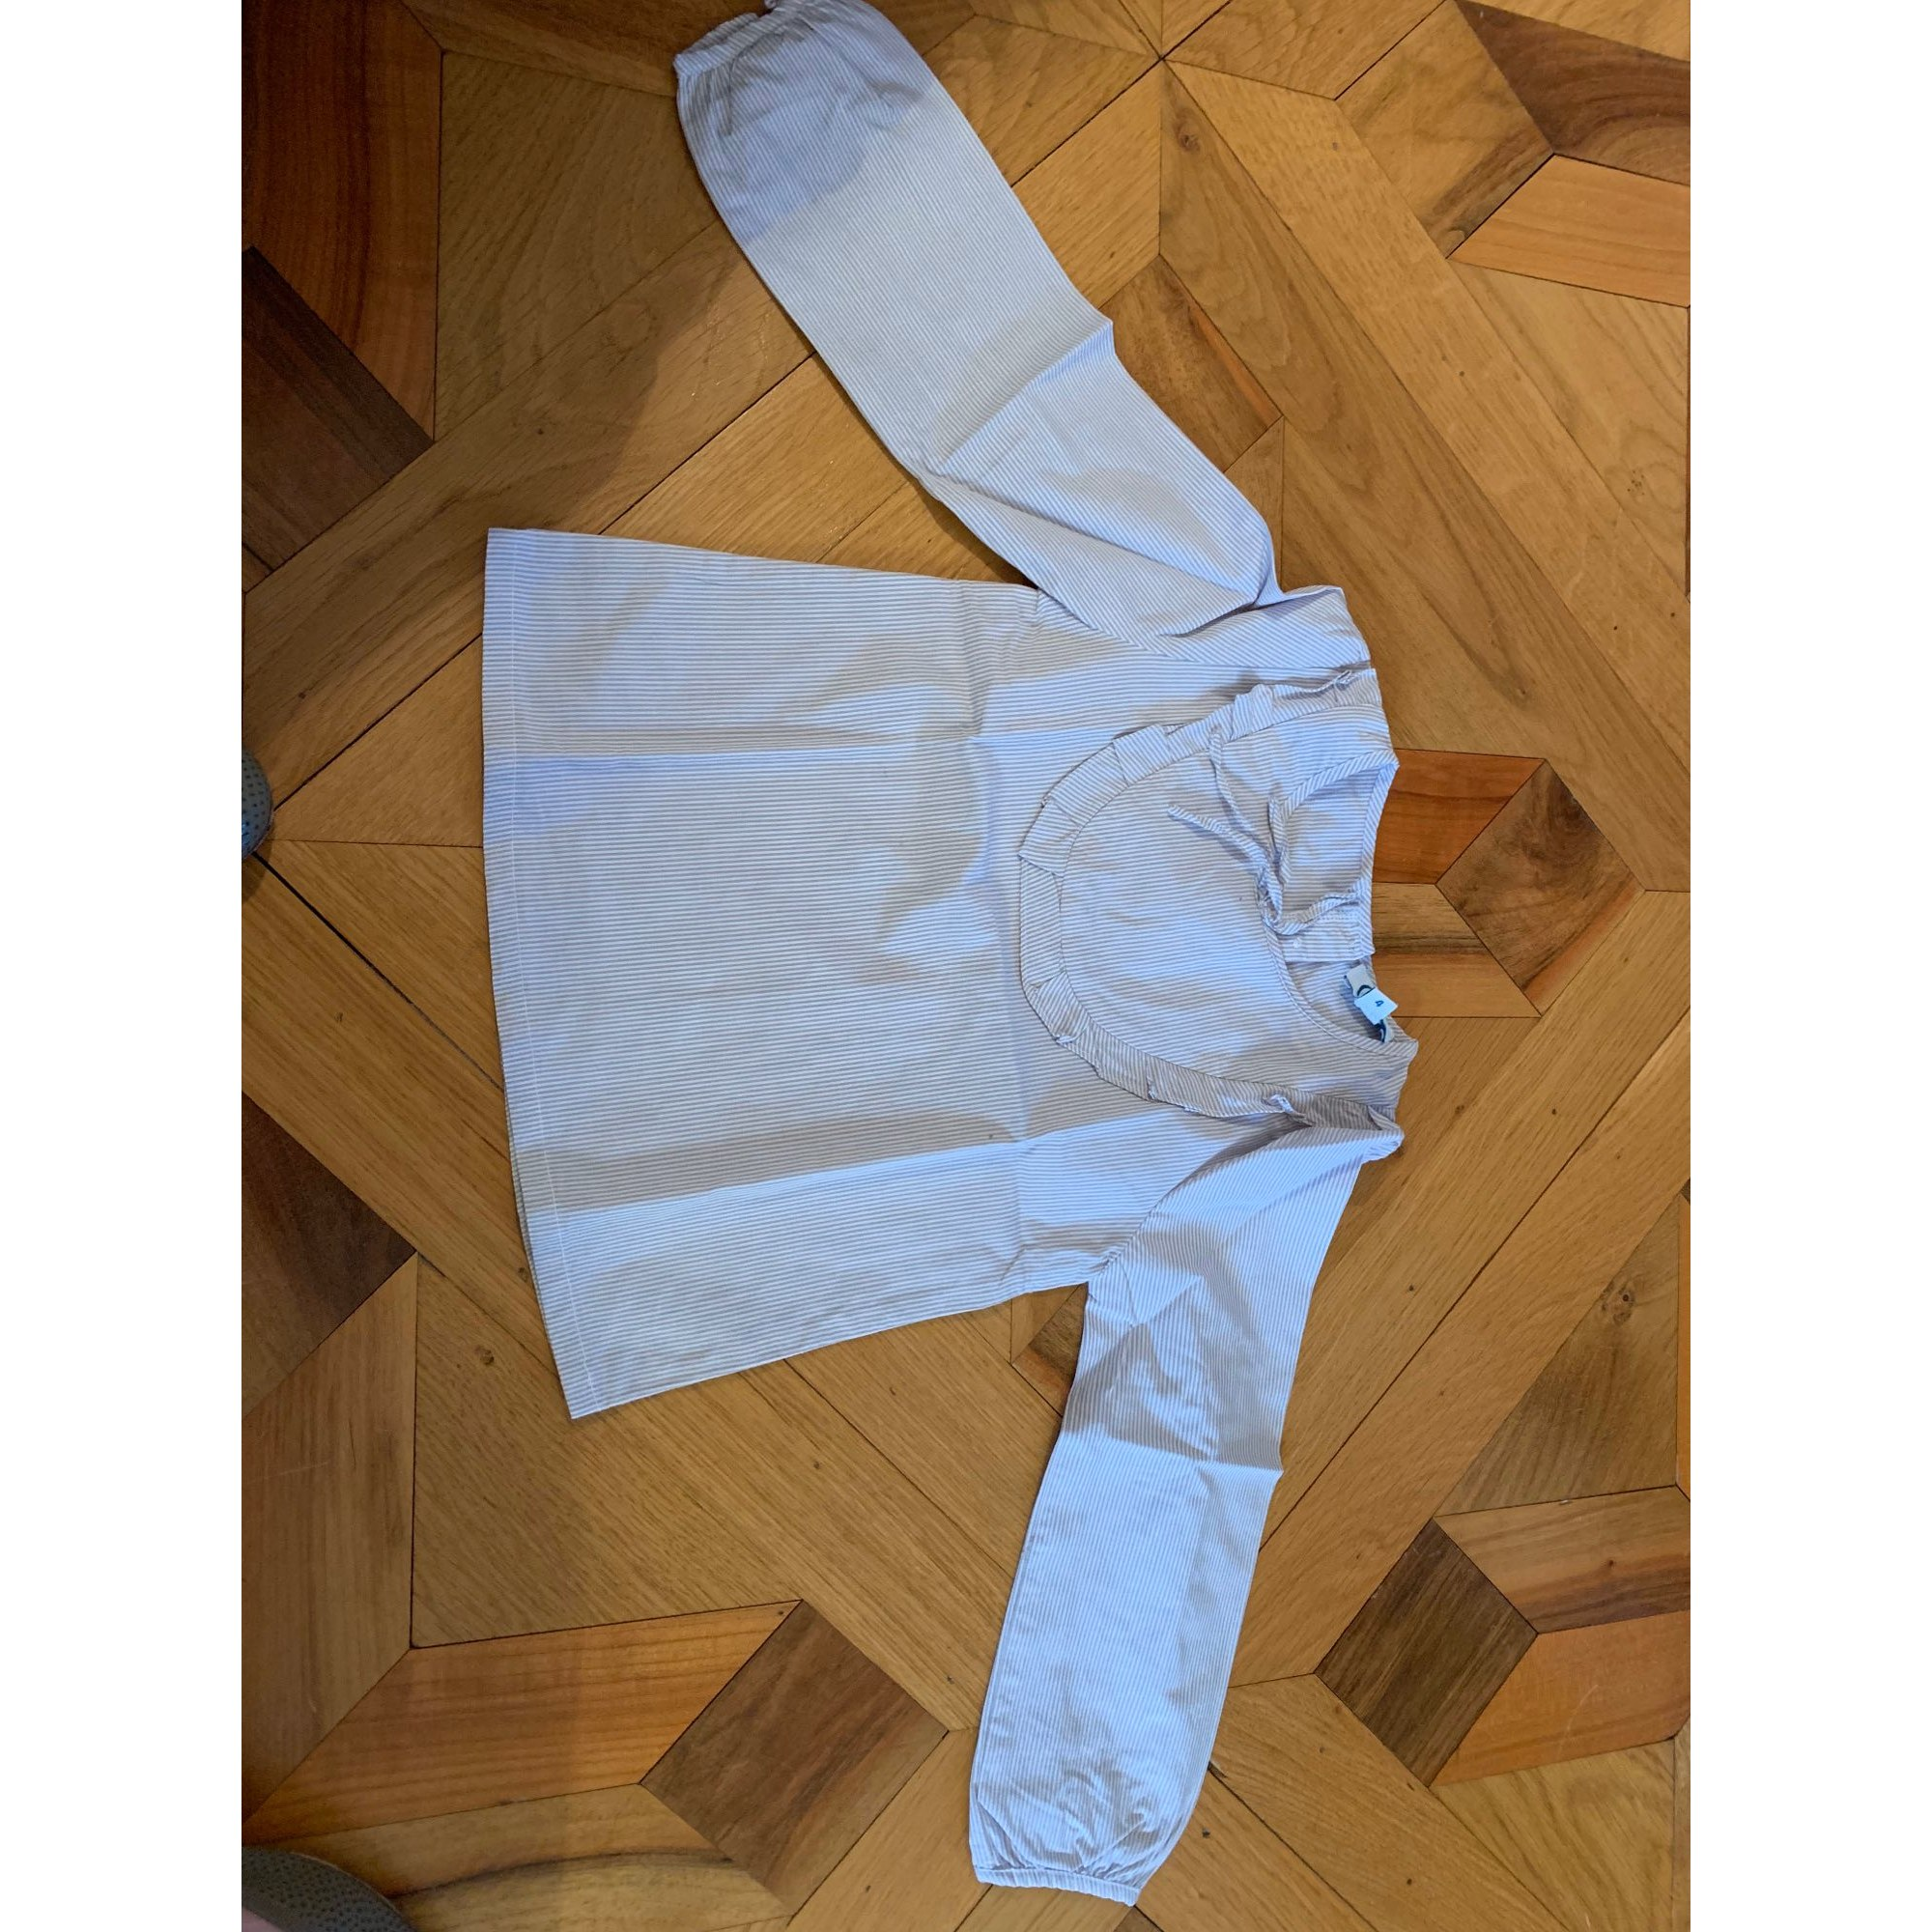 Blouse C DE C BY CORDELIA DE CASTELLANE coton gris 3-4 ans